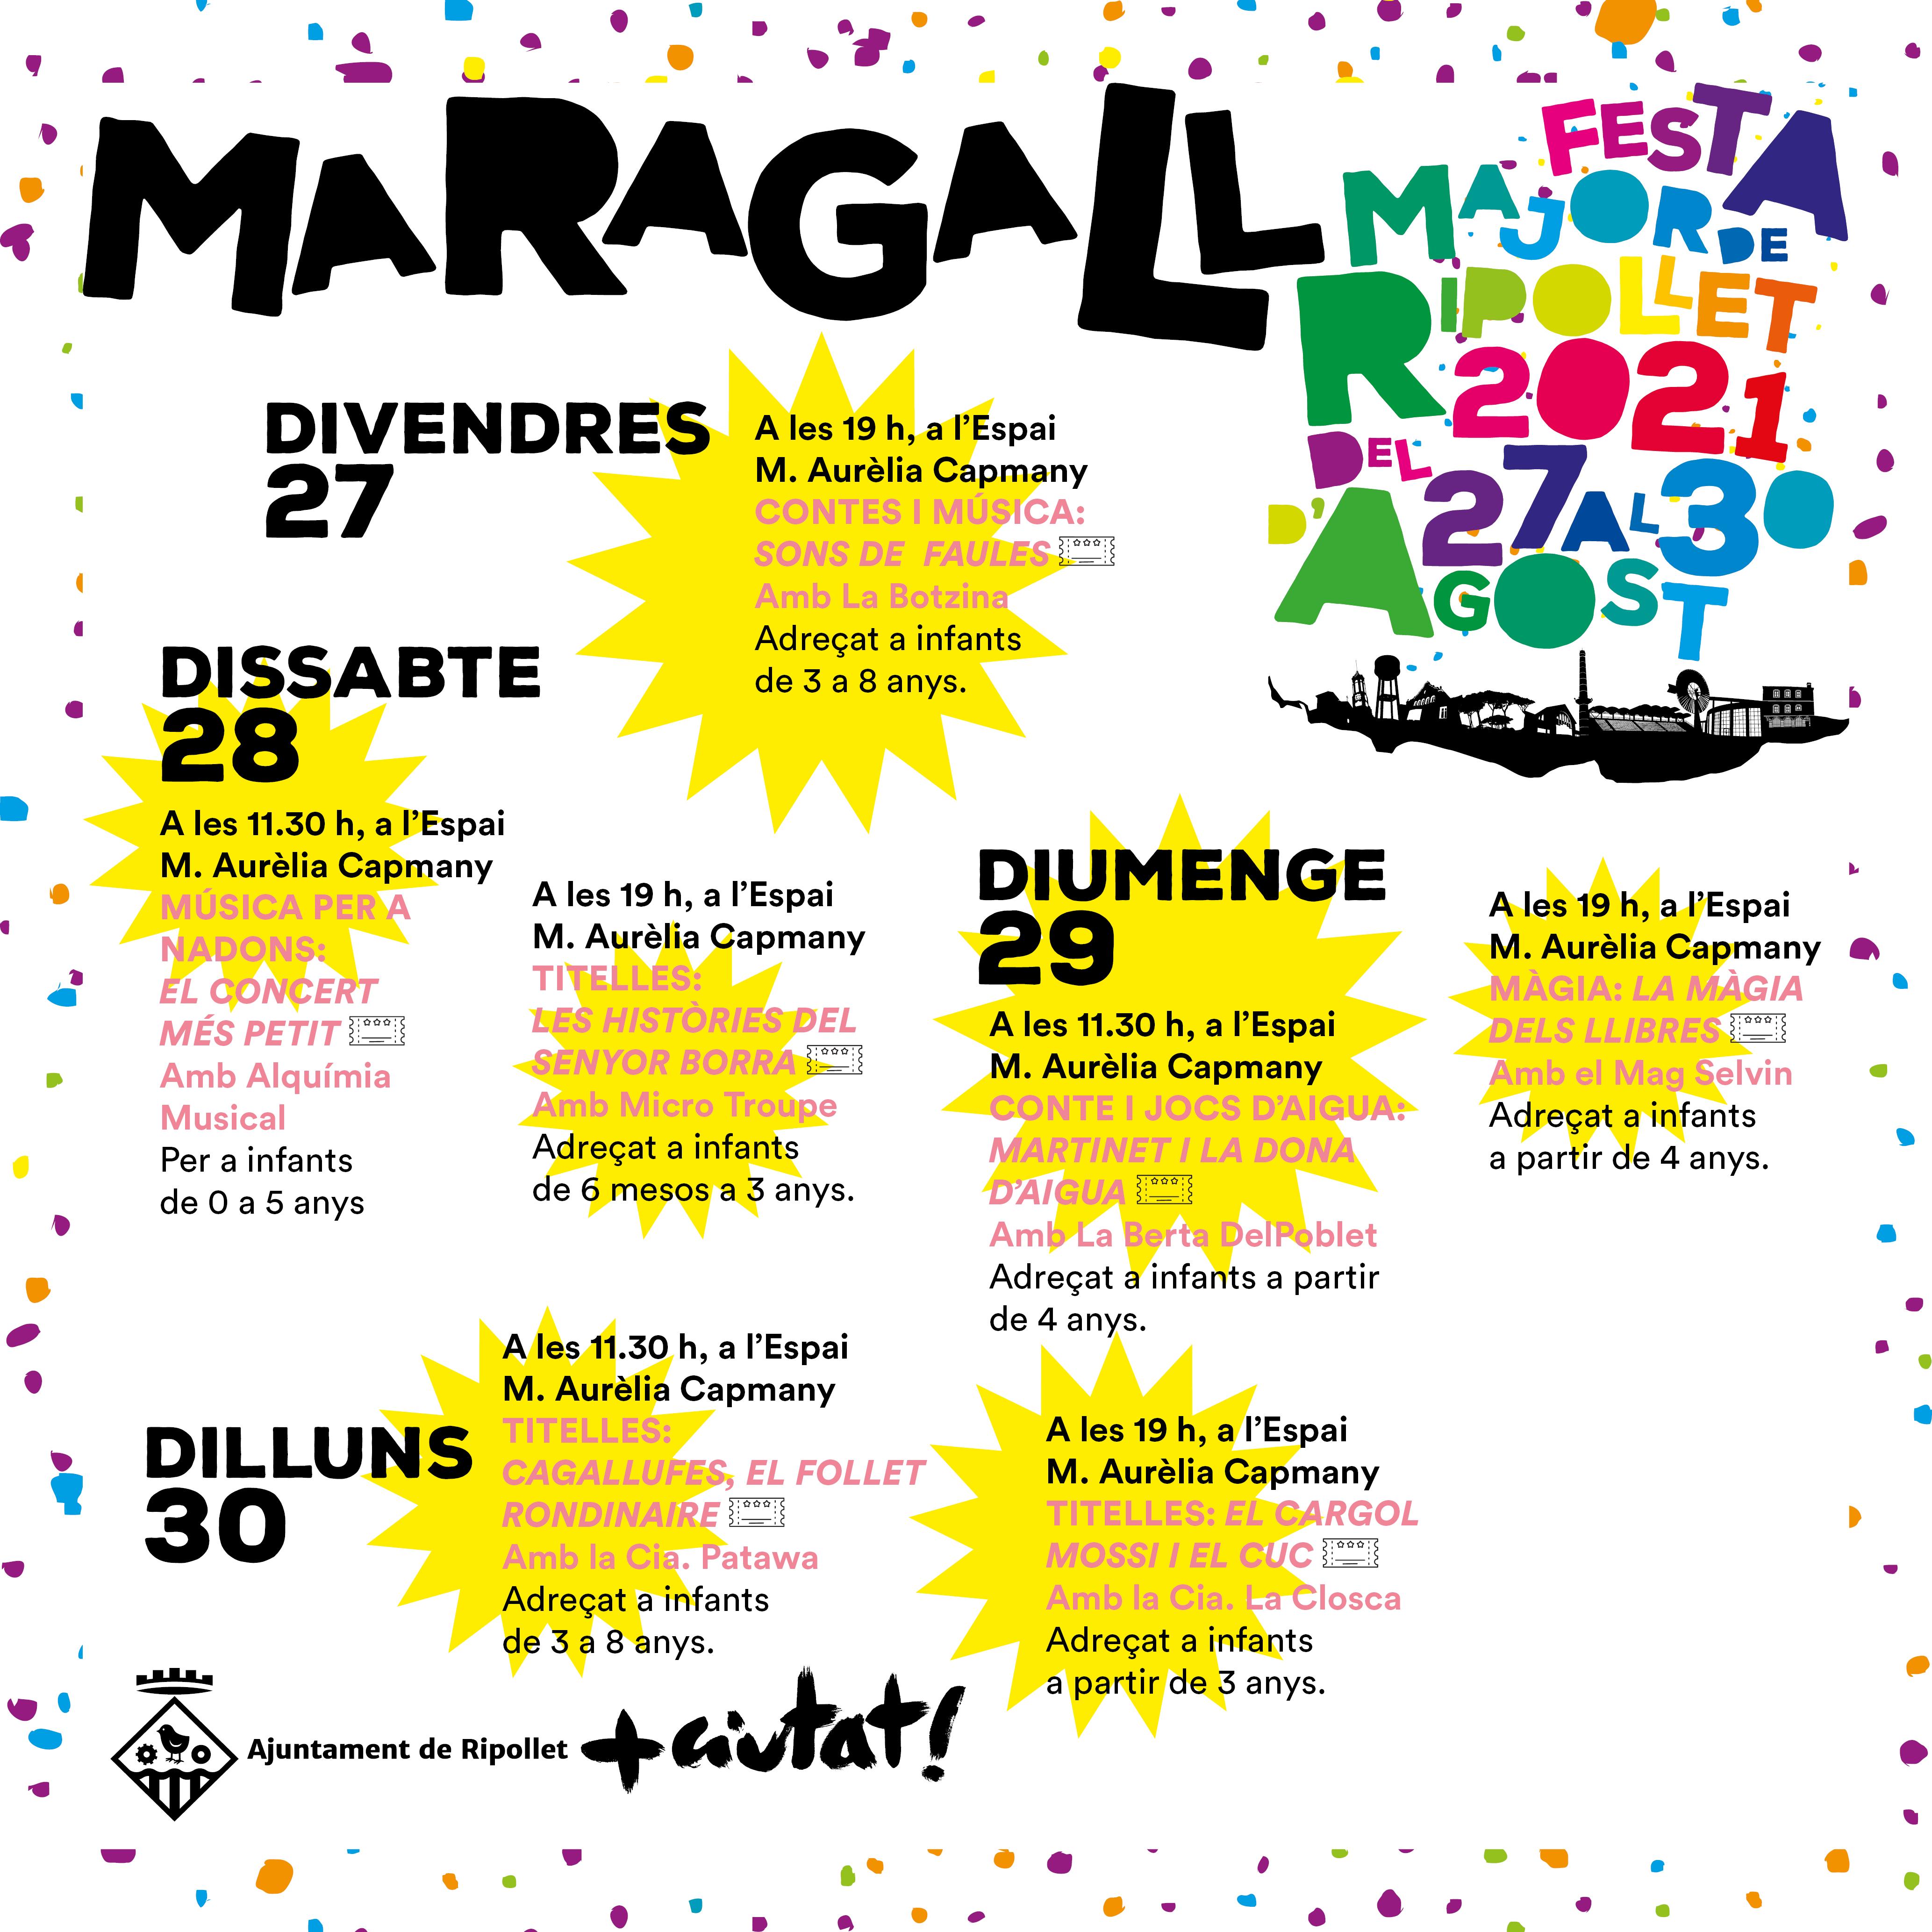 Actes destacats de la Festa Major 2021 al barri Maragall